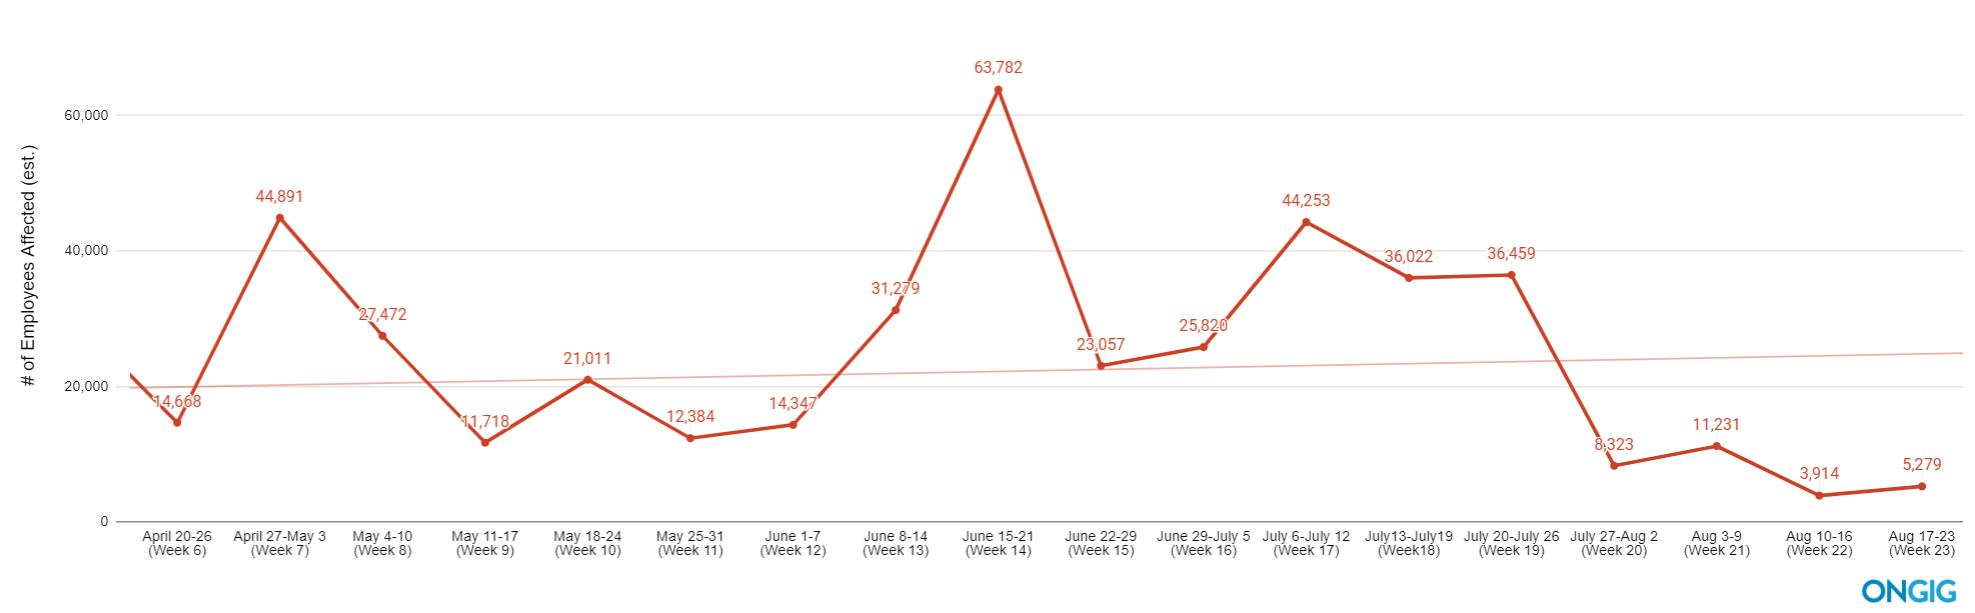 covid layoffs trendline aug 23 update